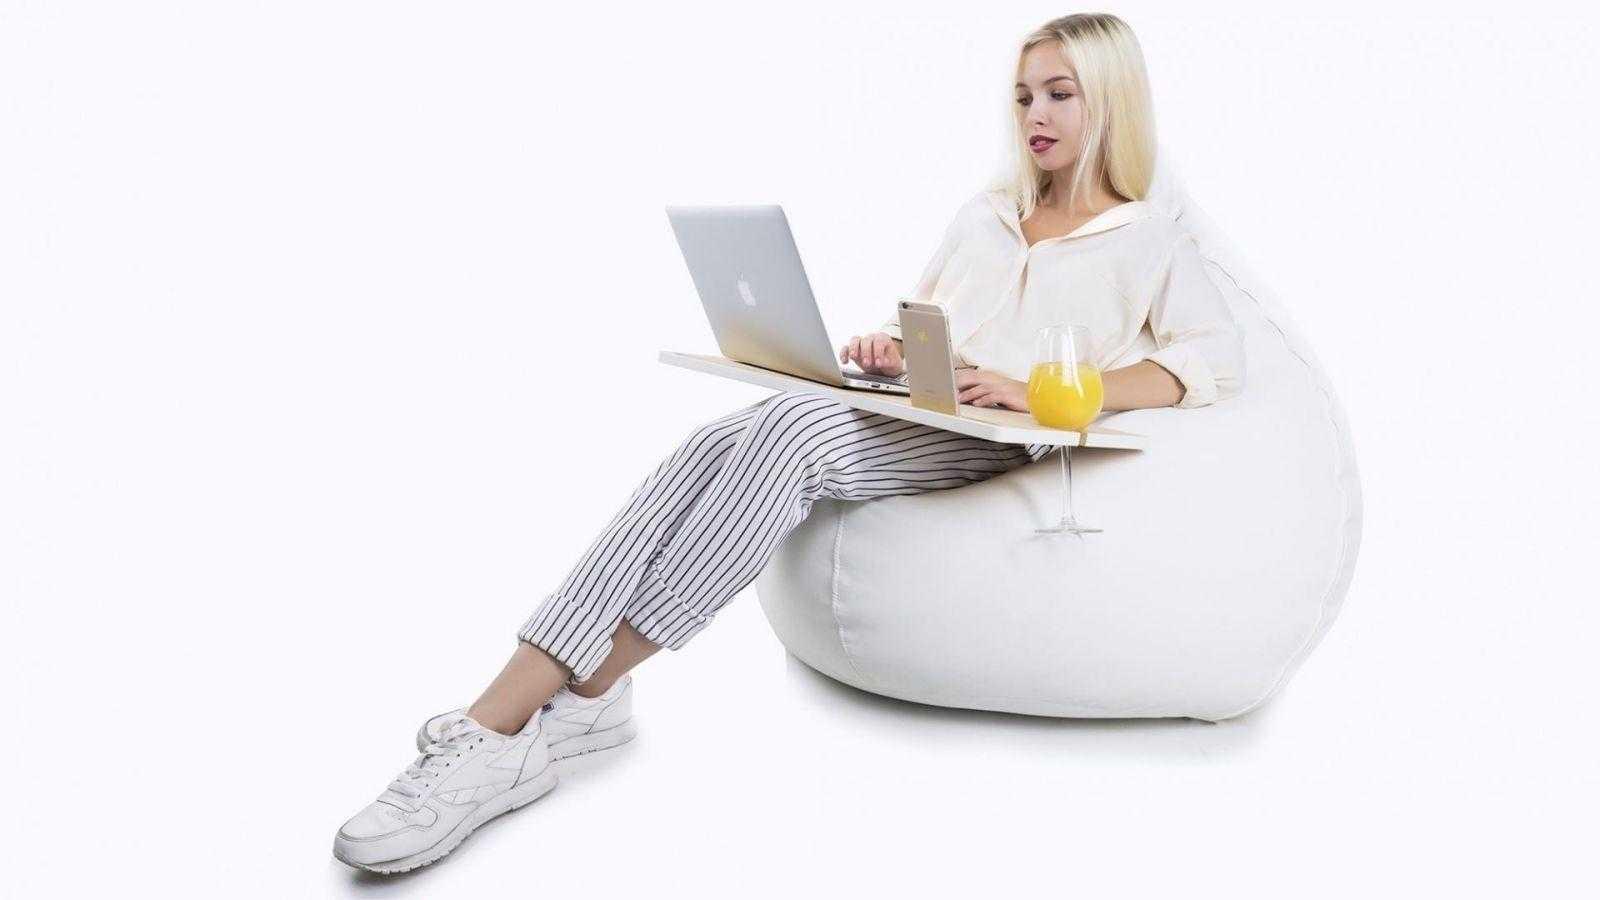 IMG 4476 1 - Российская компания Tabula Sense выпускает мебель для гиков